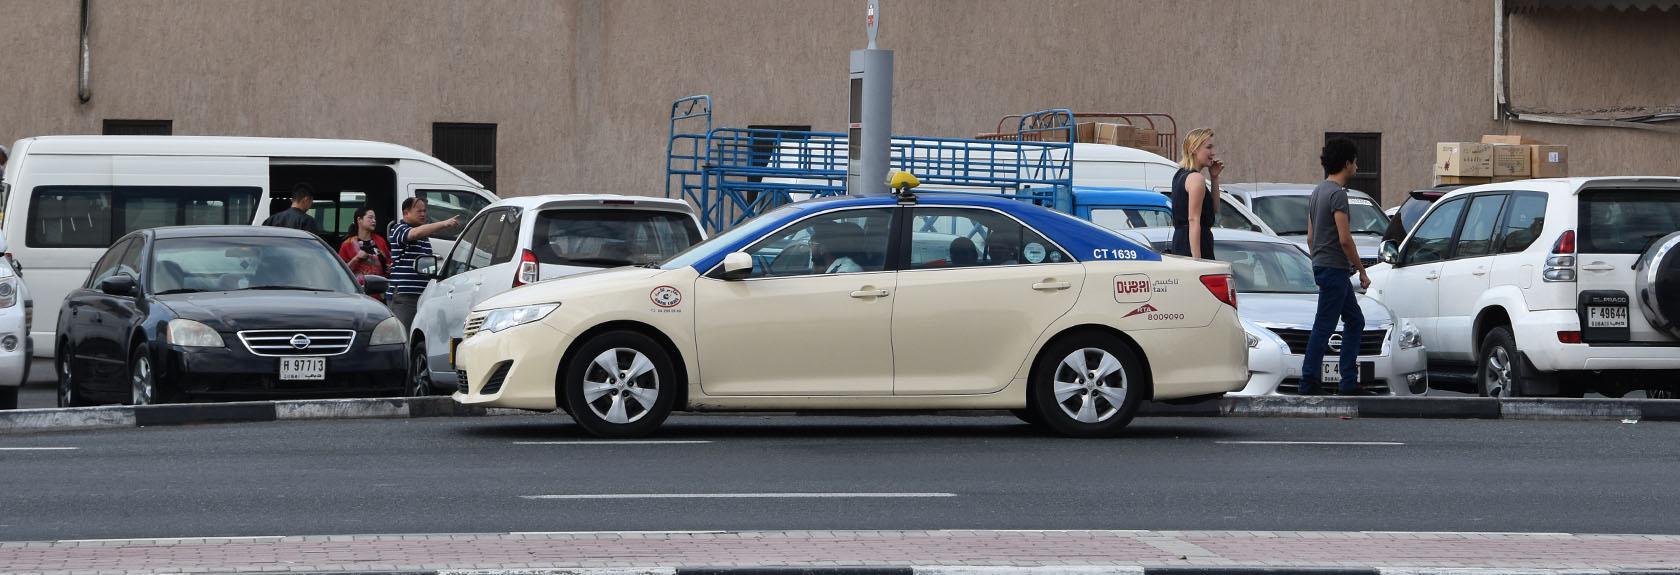 Taxi's in Dubai